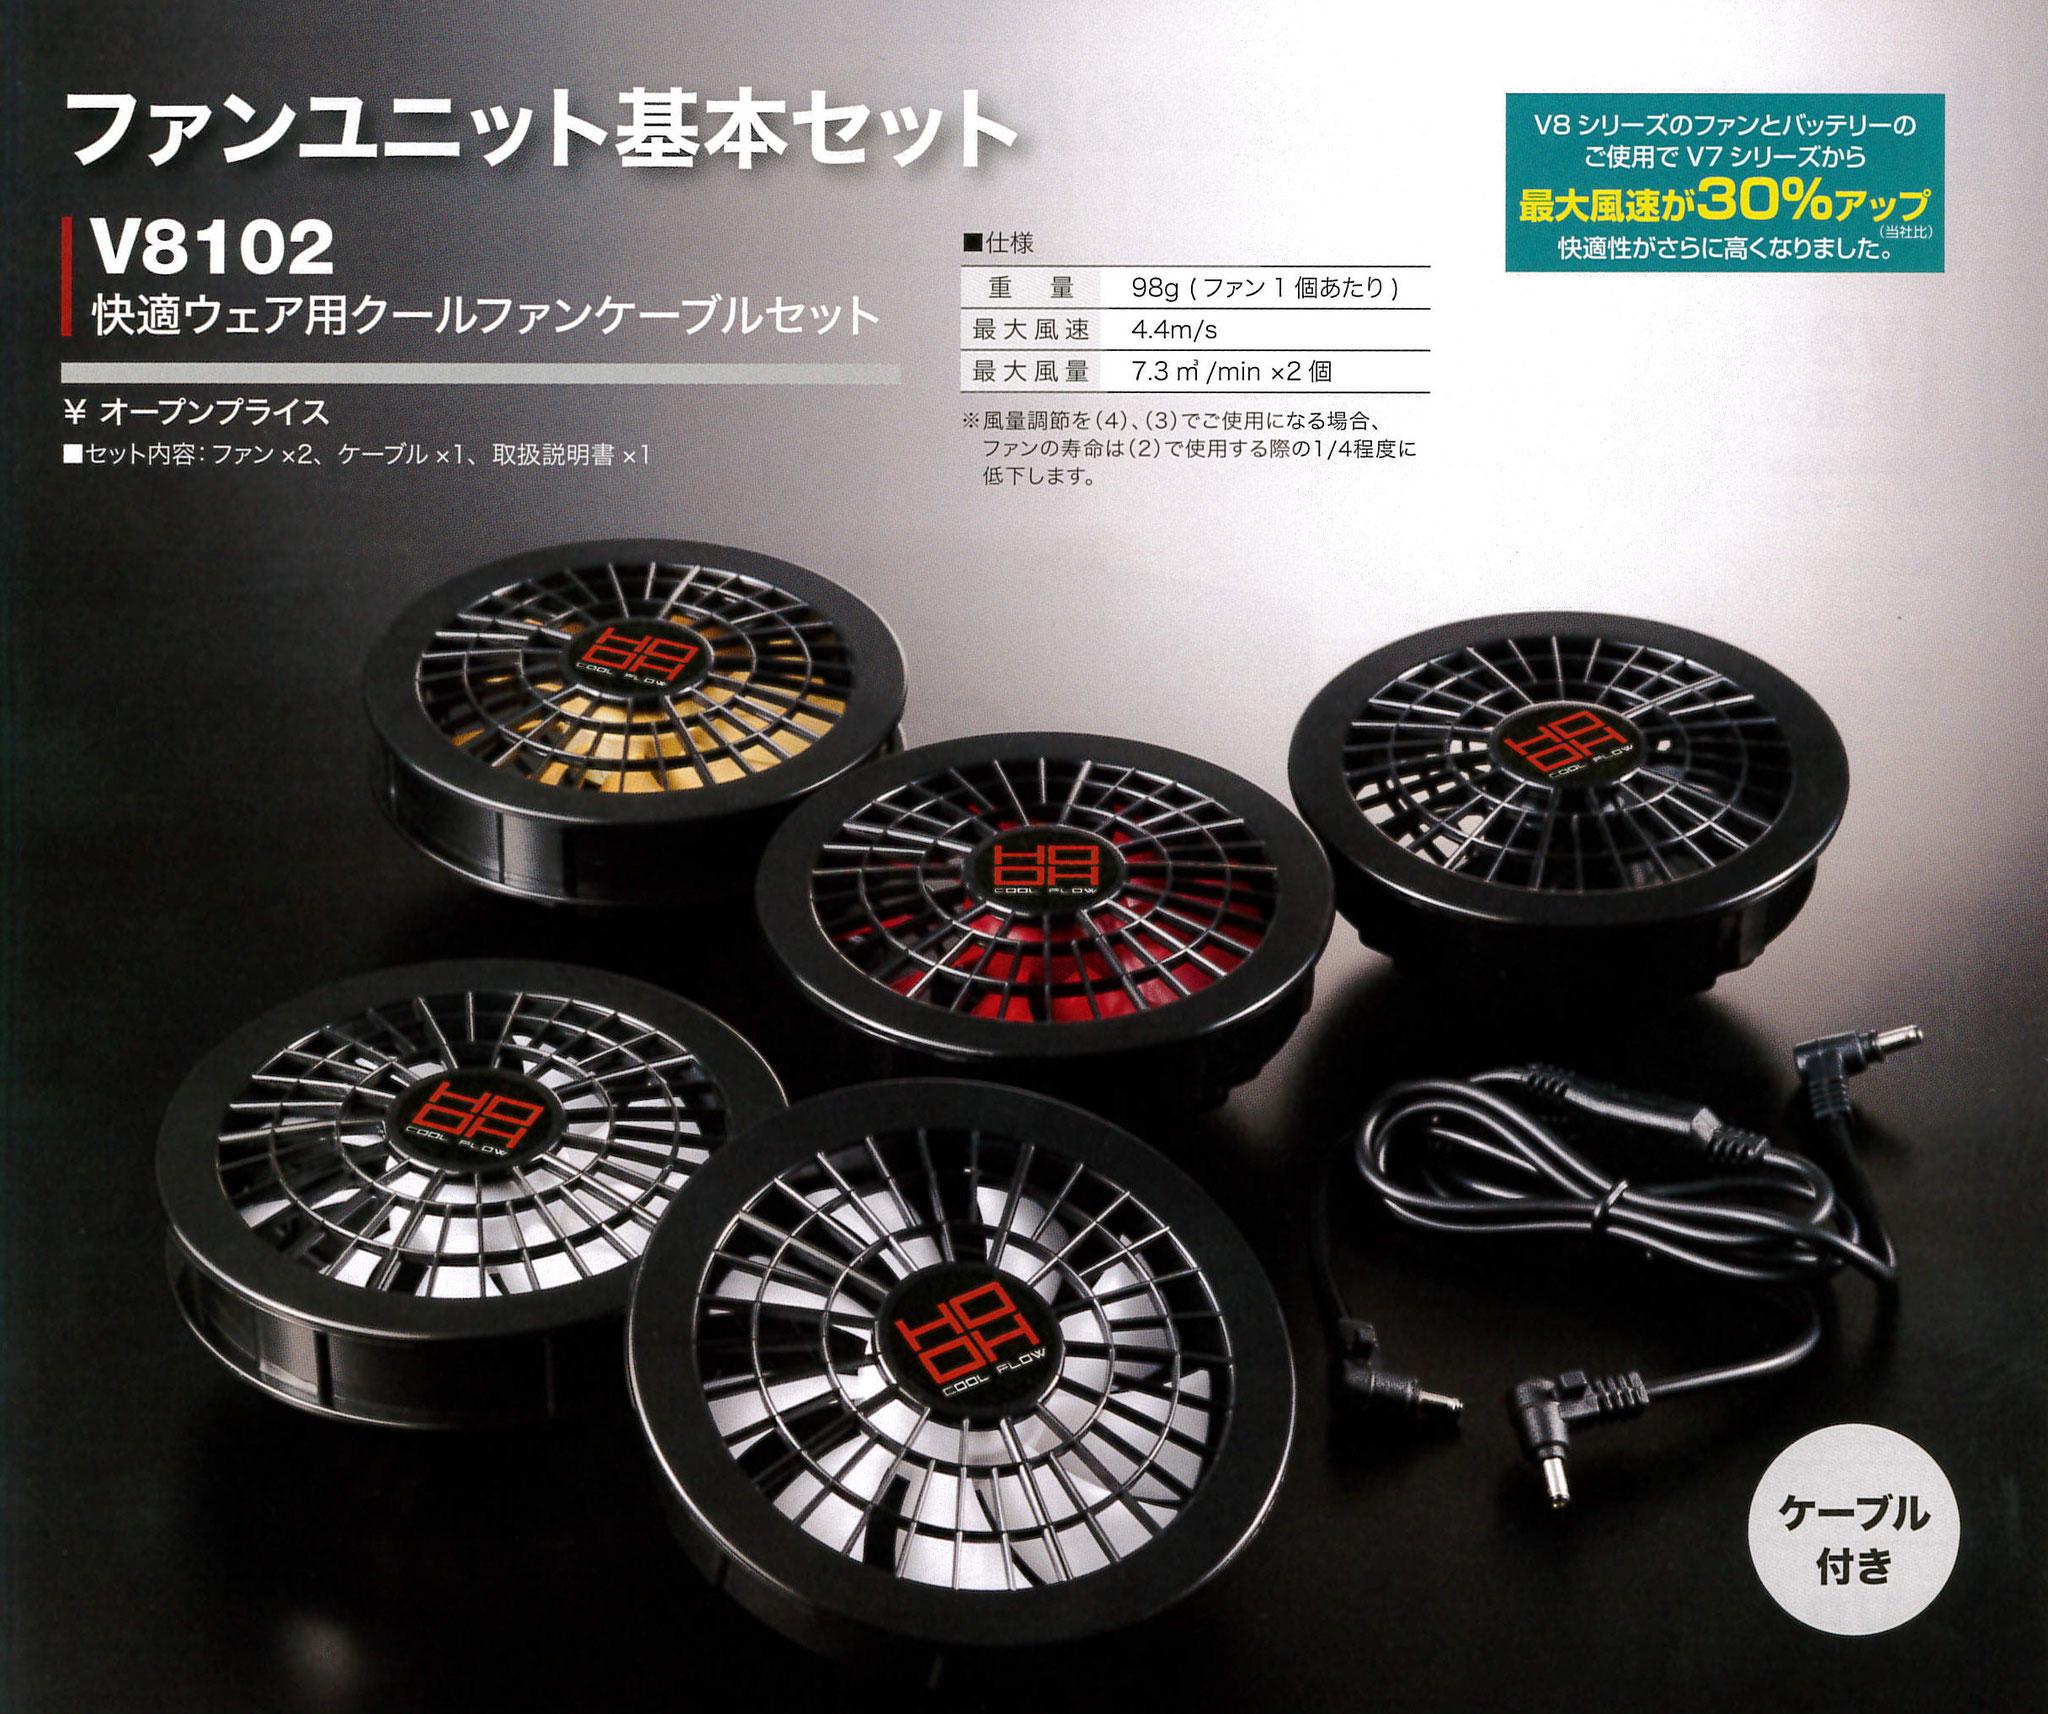 V1002 クールファンケーブルセット ¥4,950(税込)